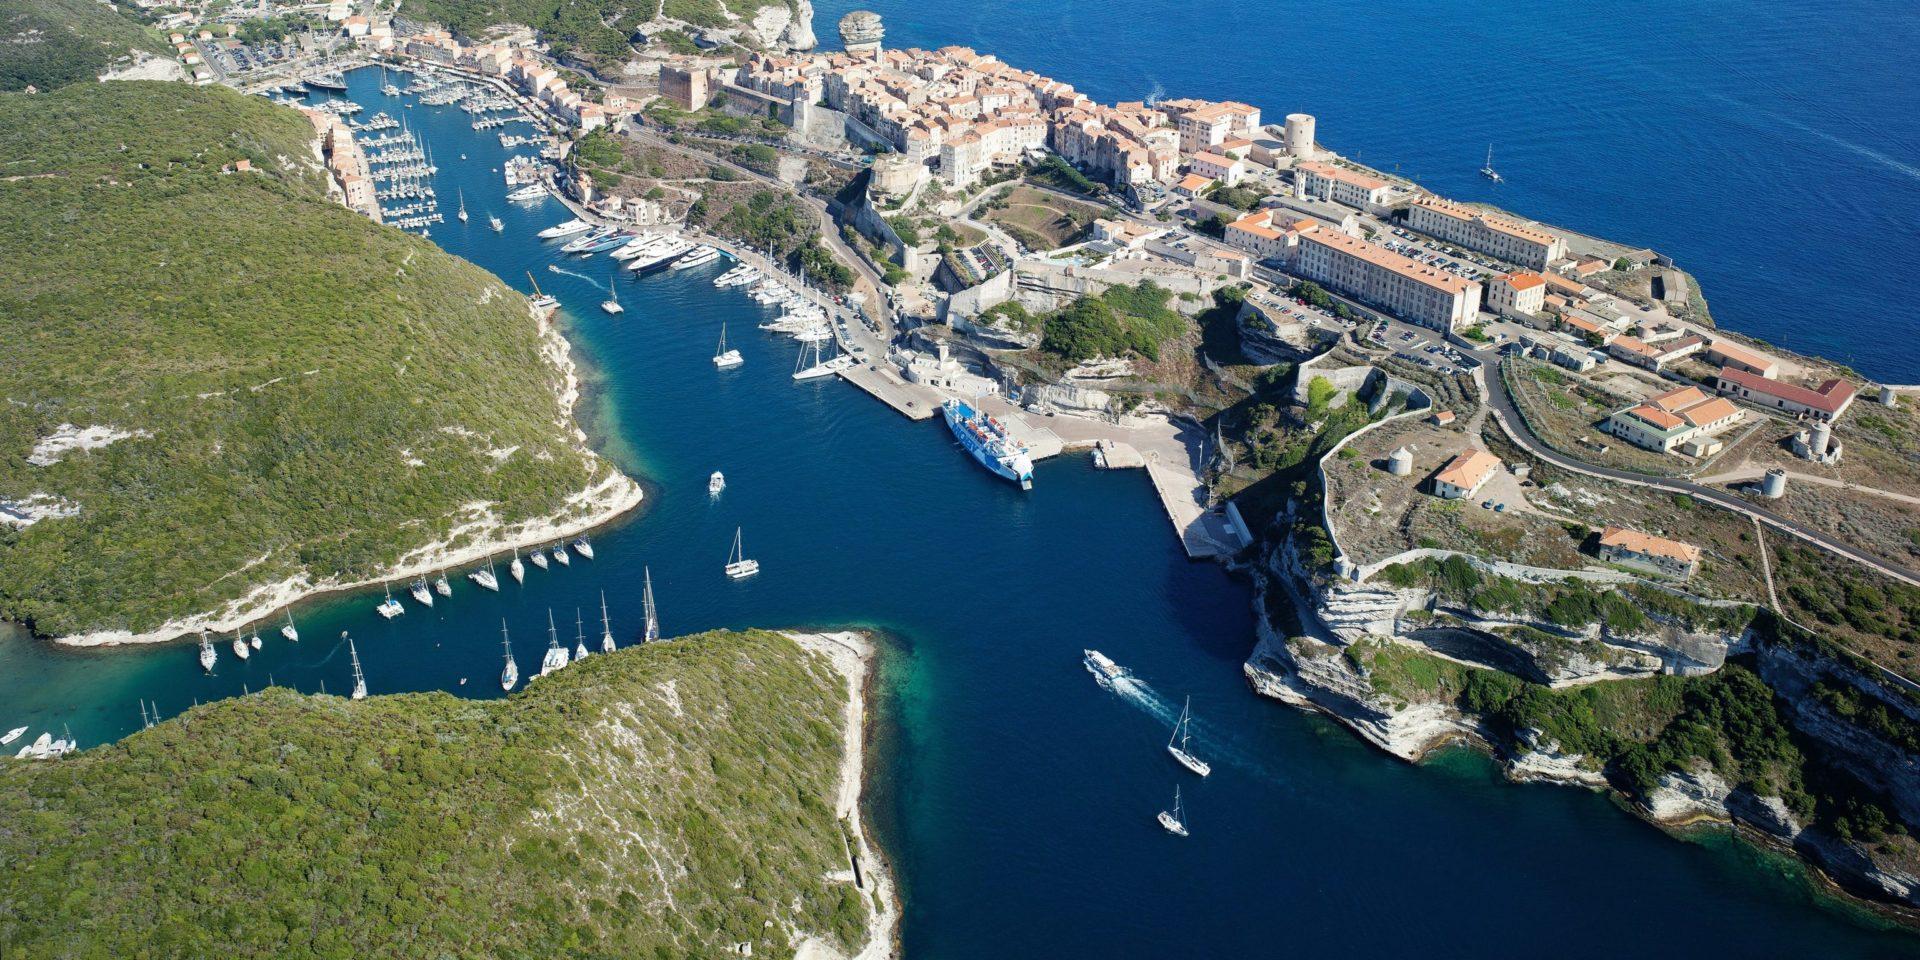 Bonifacio Corsica Frankrijk Straat van Bonifacio